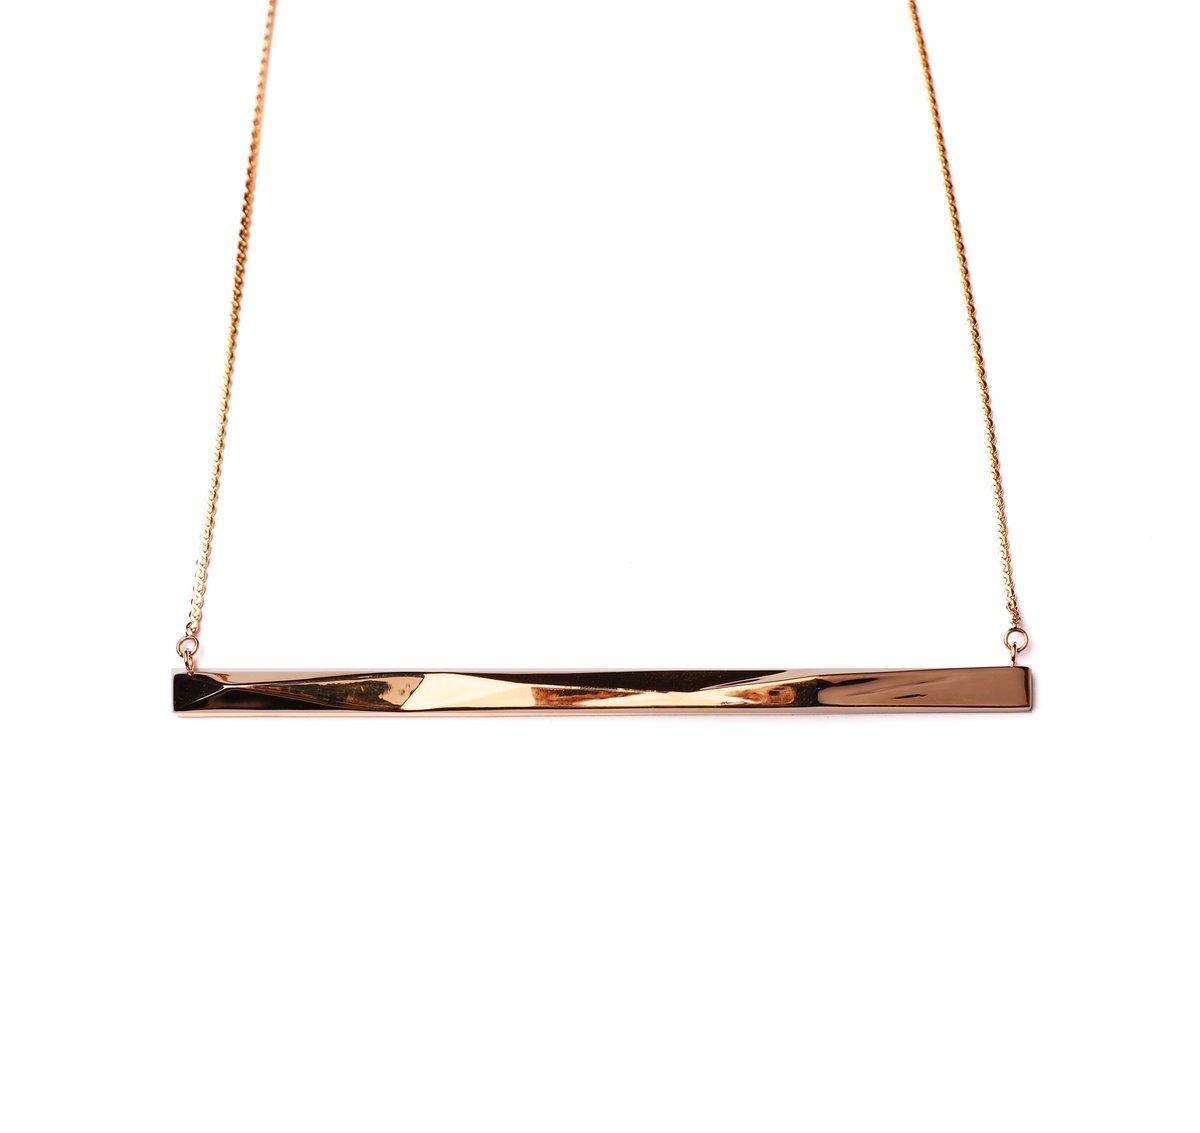 Image of Necklace - BATON I